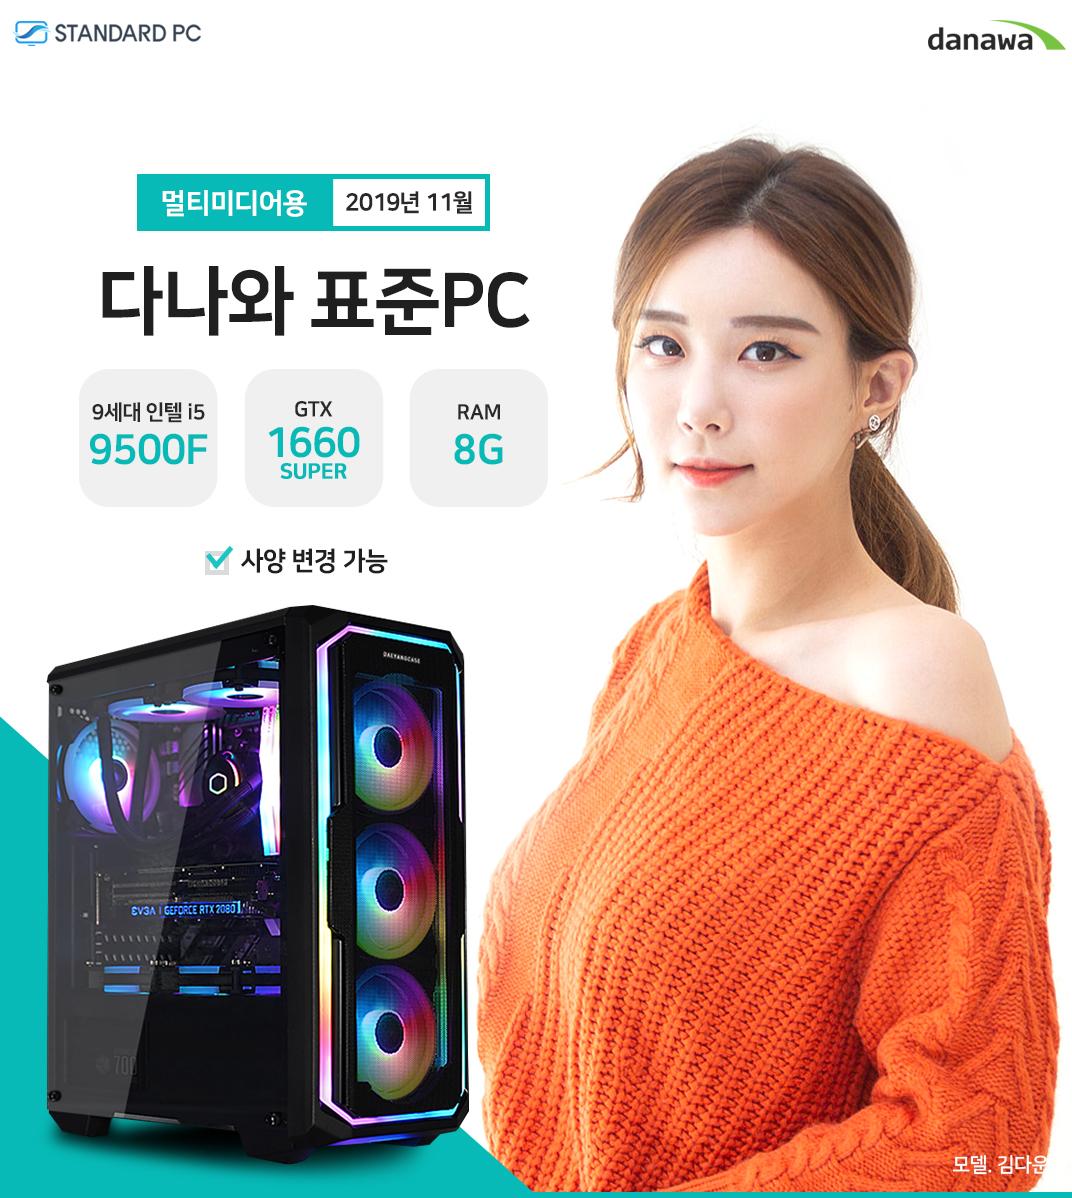 2019년 11월 다나와 표준PC 멀티디미어용 인텔 i5-9세대 9500F 내장 RAM 8G 모델 문가경